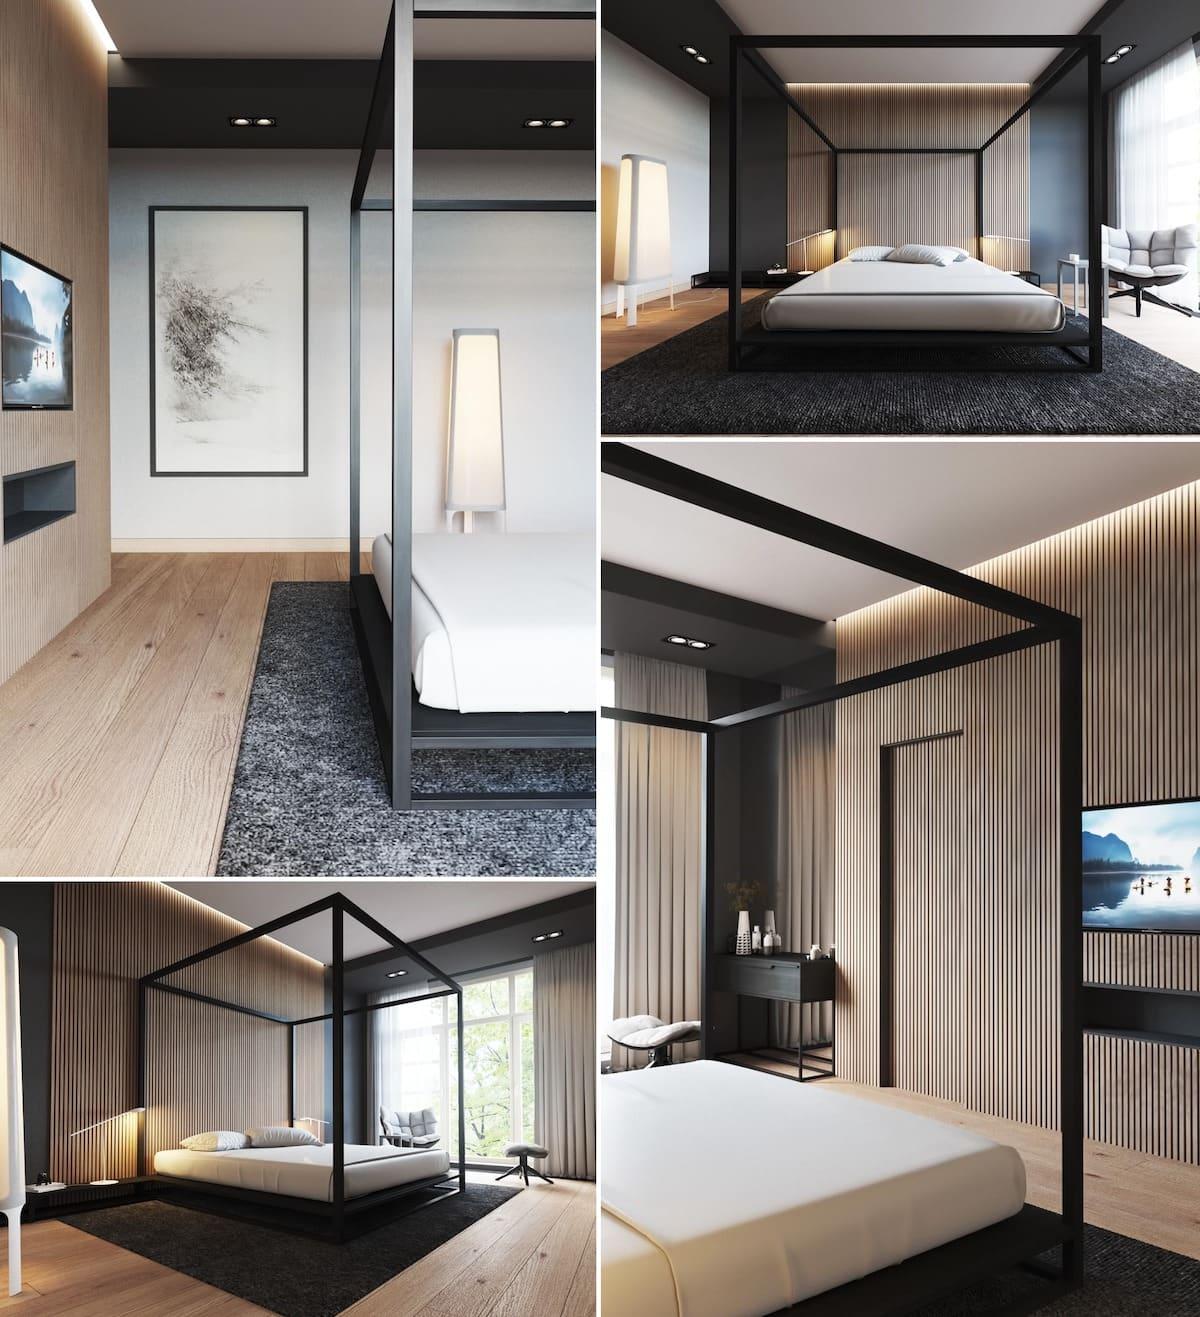 Интересный вариант оформления и выделения зоны кровати